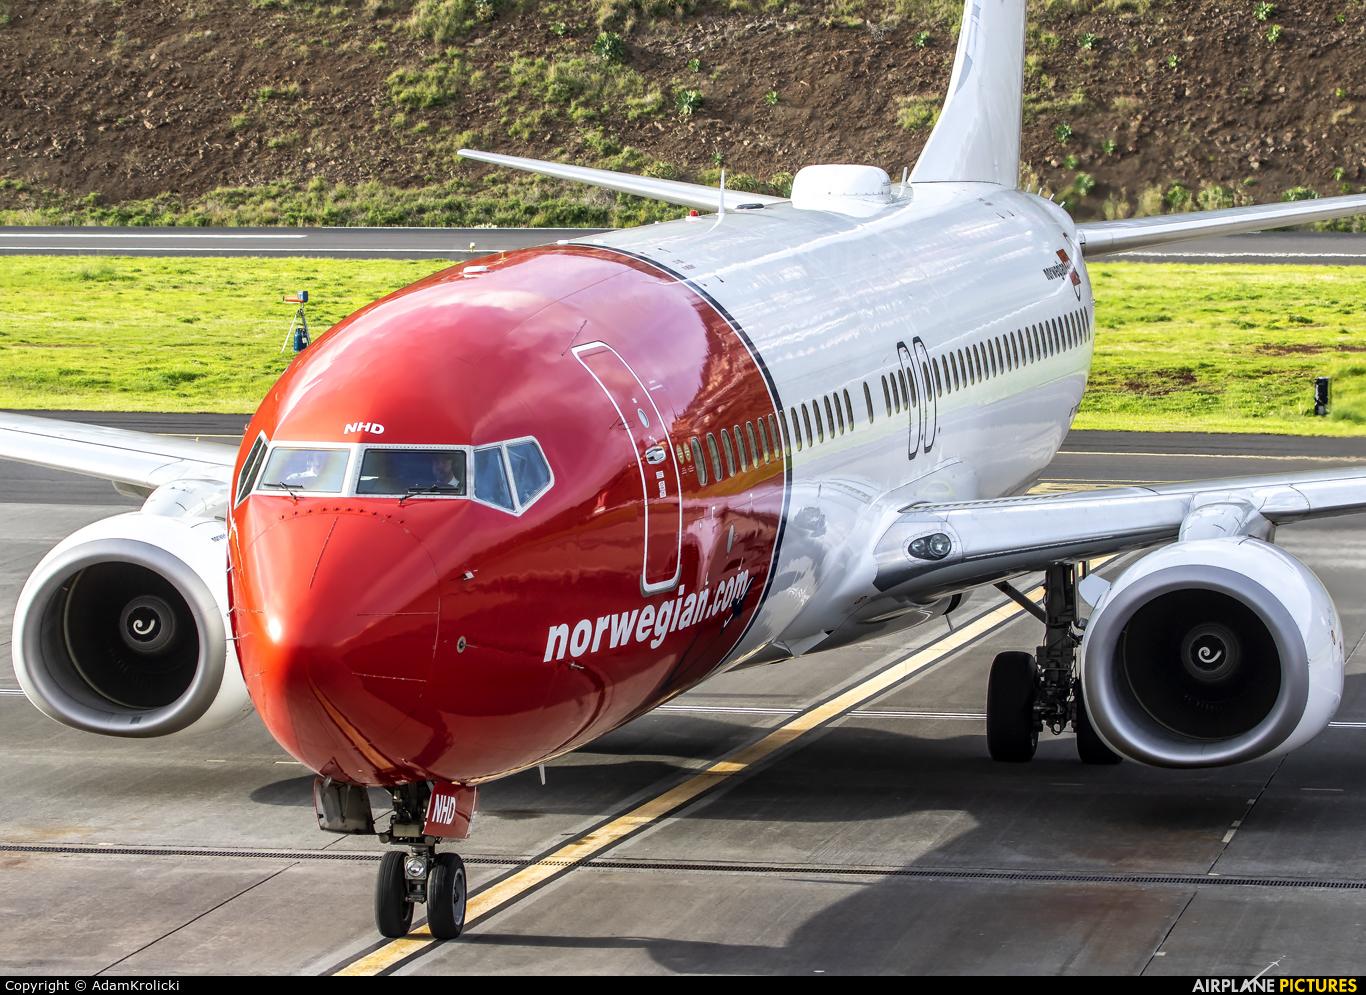 Norwegian Air Shuttle LN-NHD aircraft at Madeira